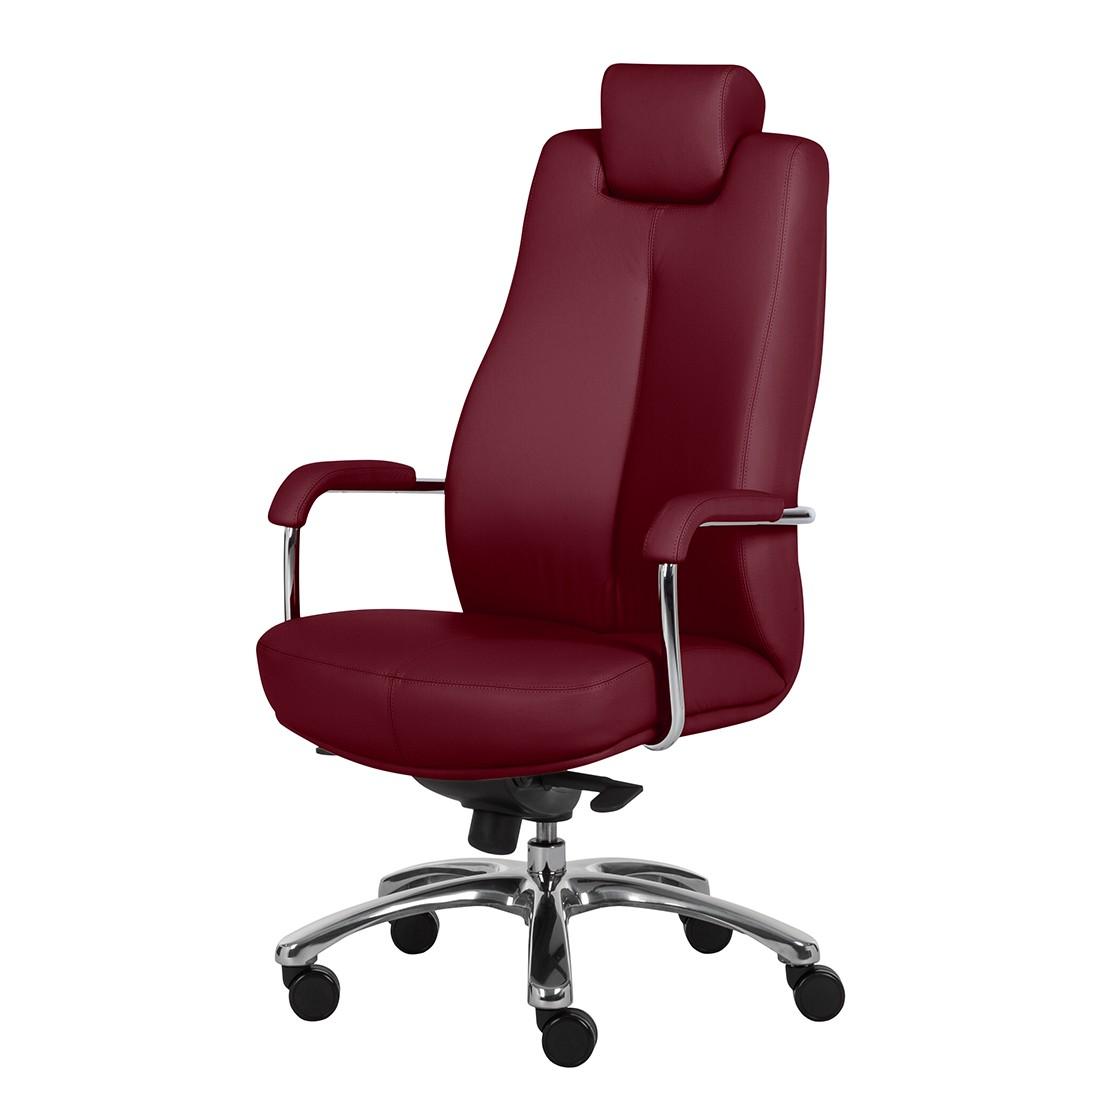 chefsessel 150 kg nowy styl preisvergleiche erfahrungsberichte und kauf bei nextag. Black Bedroom Furniture Sets. Home Design Ideas